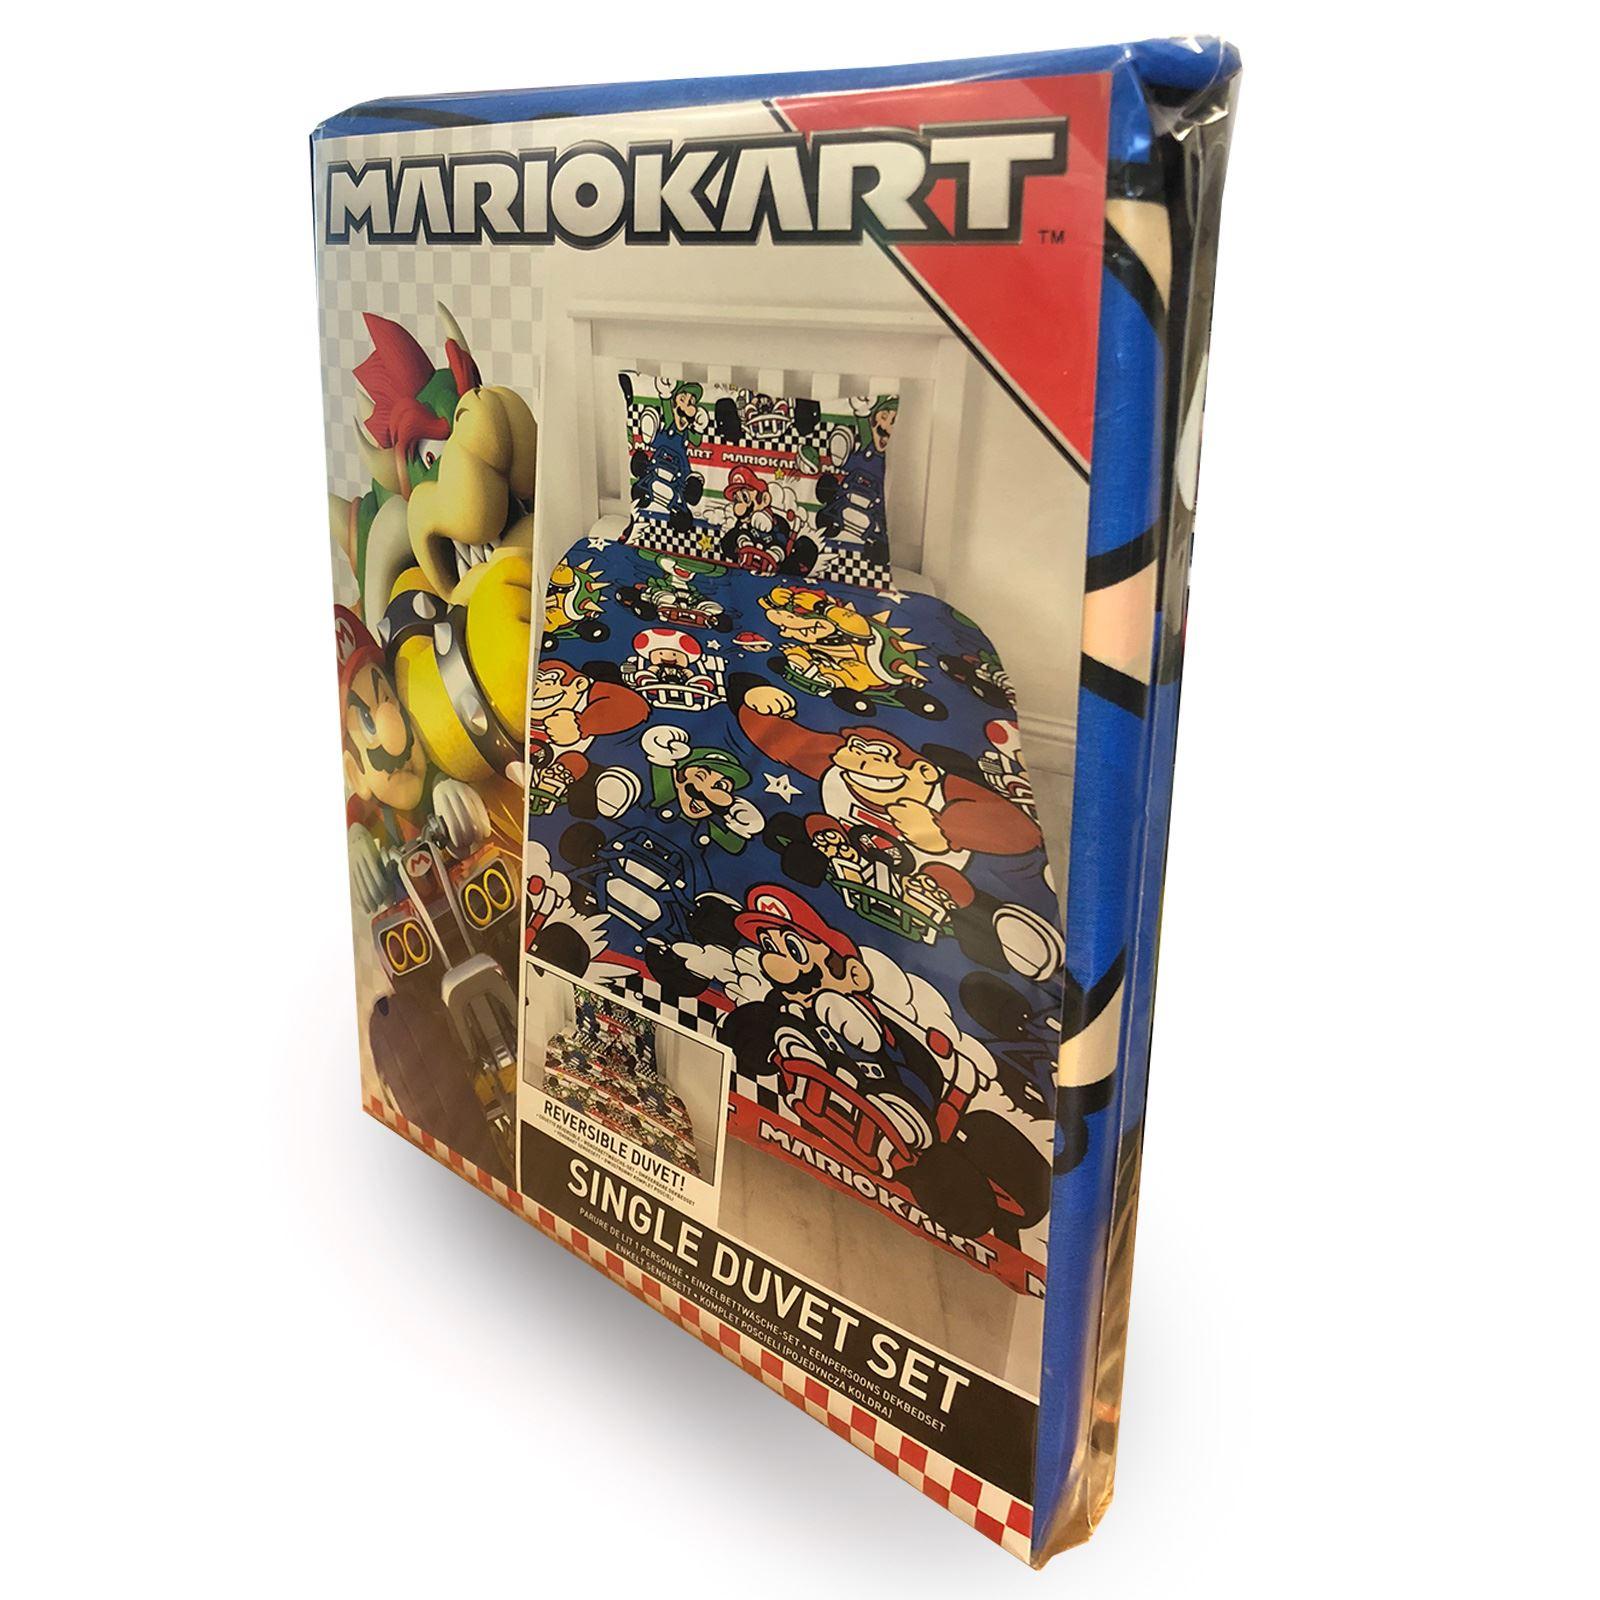 Official Nintendo Mario Kart Racer Single Duvet Cover Set